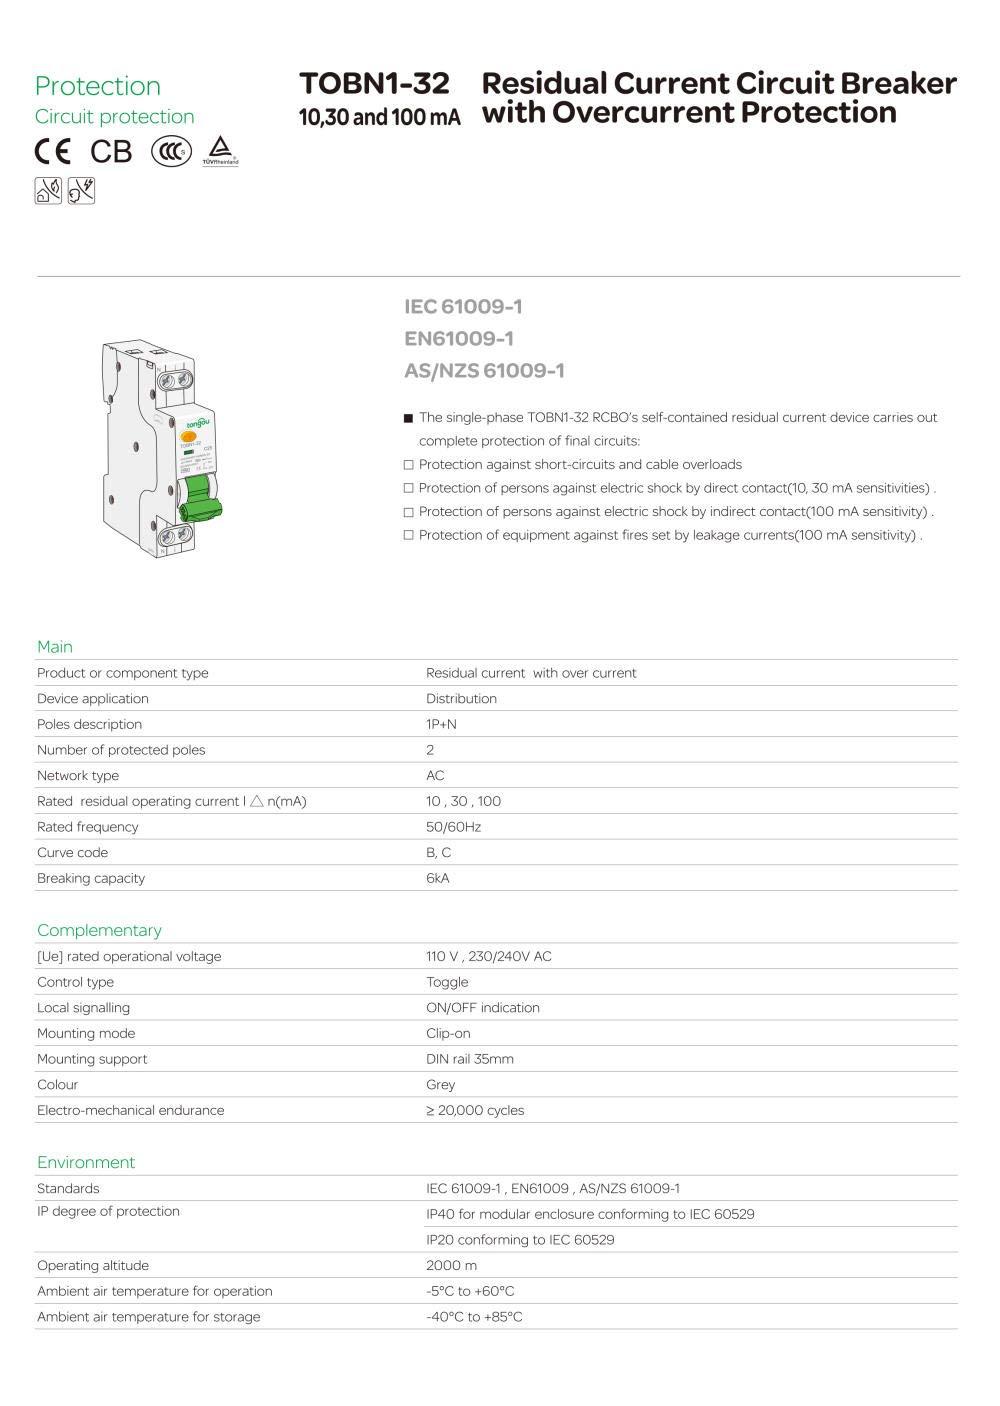 Disjoncteurs Type A 6KA 18mm RCBO 16A 10mA 30mA 100mA Disjoncteur /à courant r/ésiduel avec diff/érentiel de protection contre les surintensit/és et les fuites-30mA/_C25-100mA/_C6